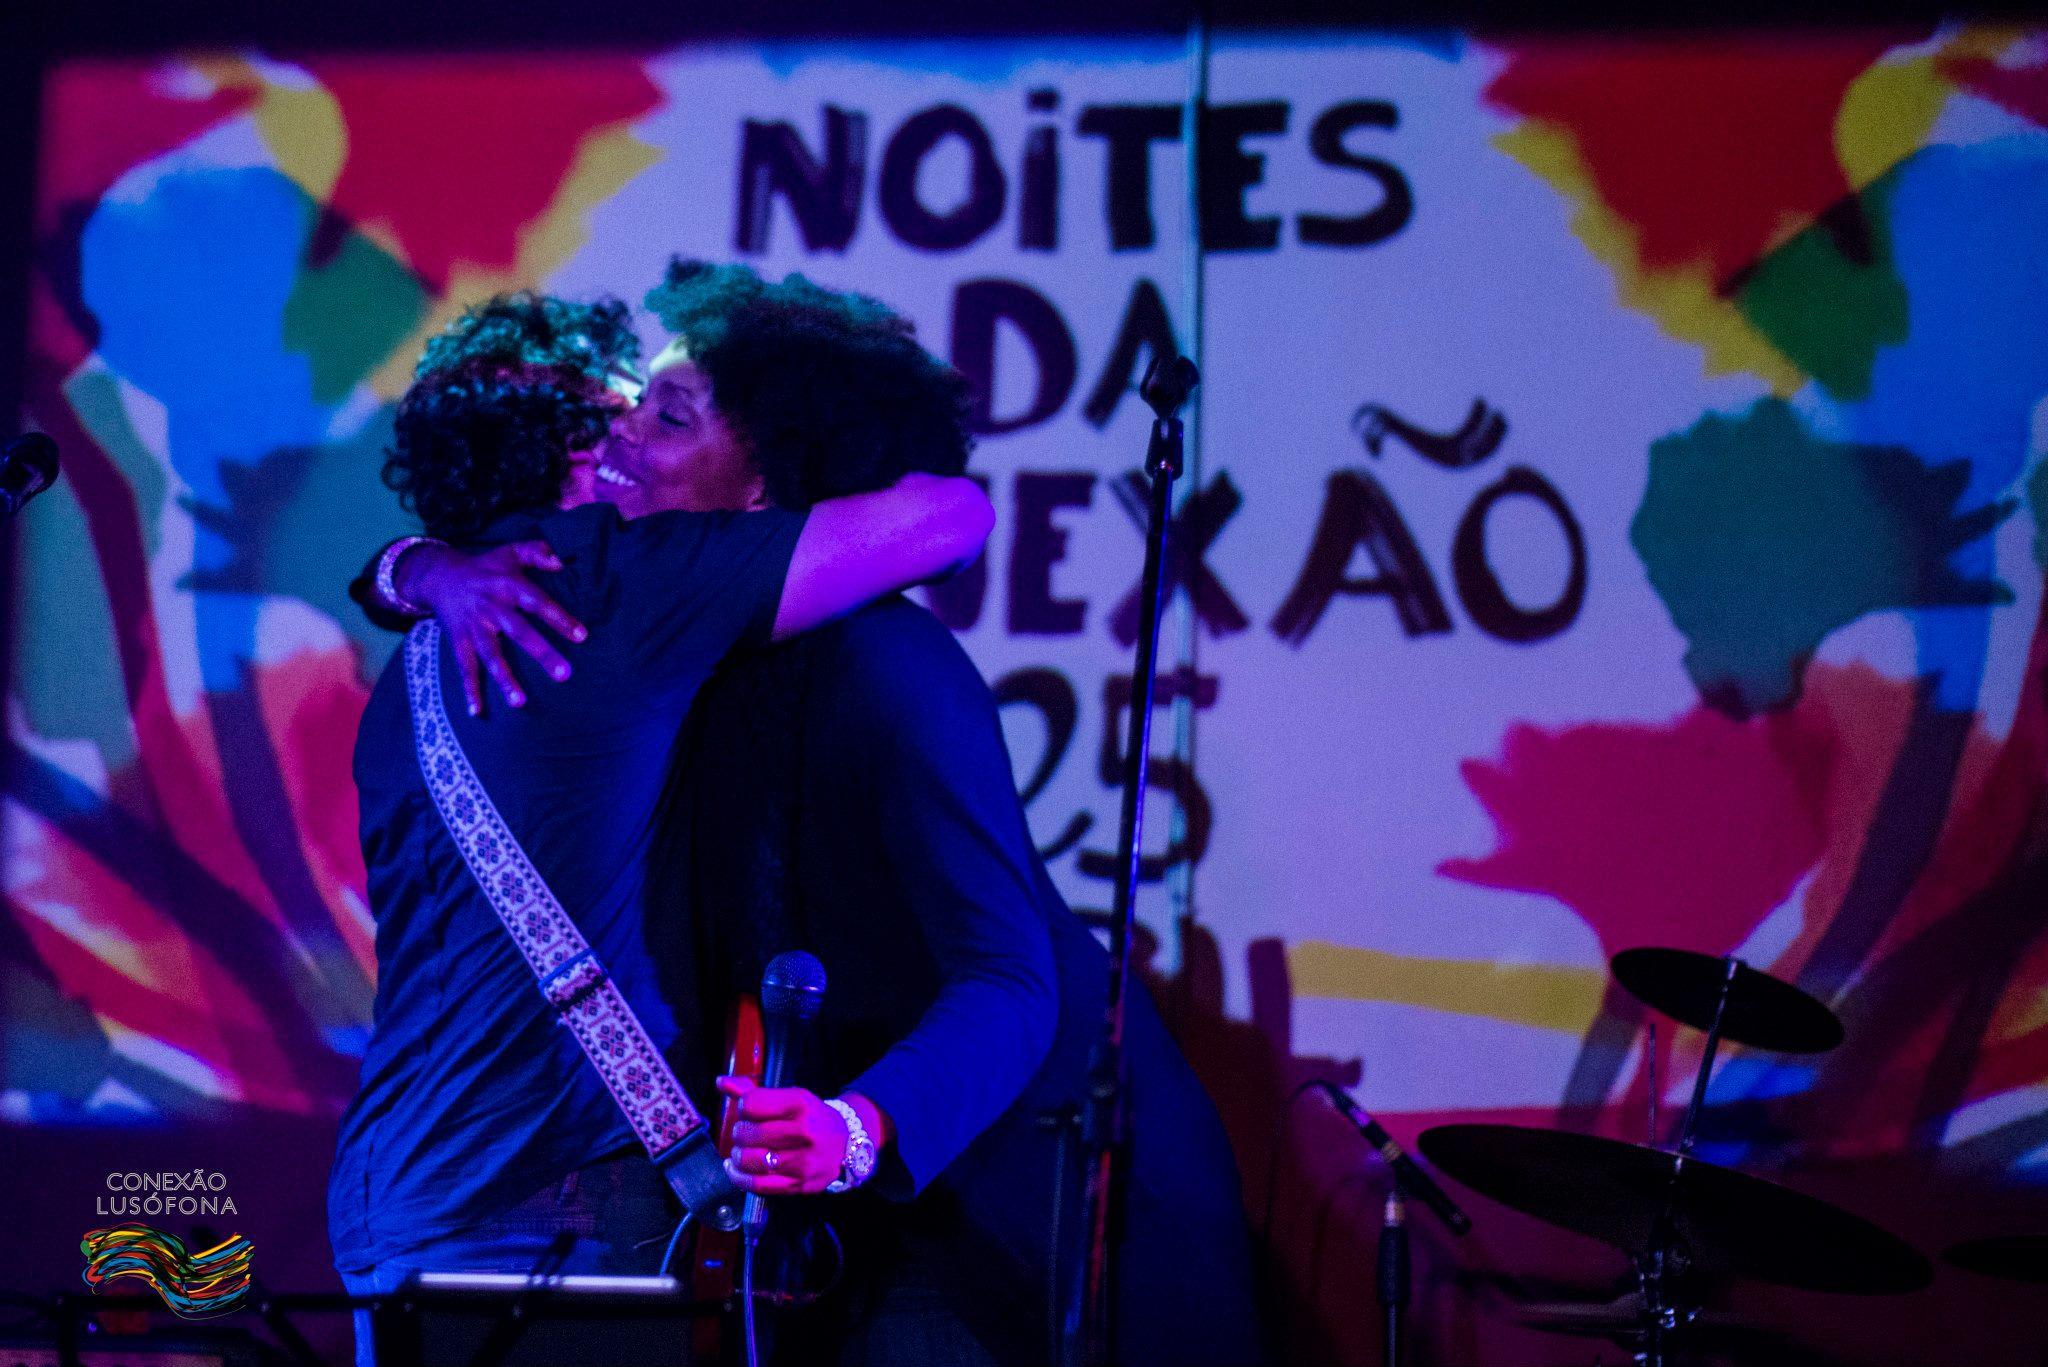 (Imagem: Conexão Lusófona)